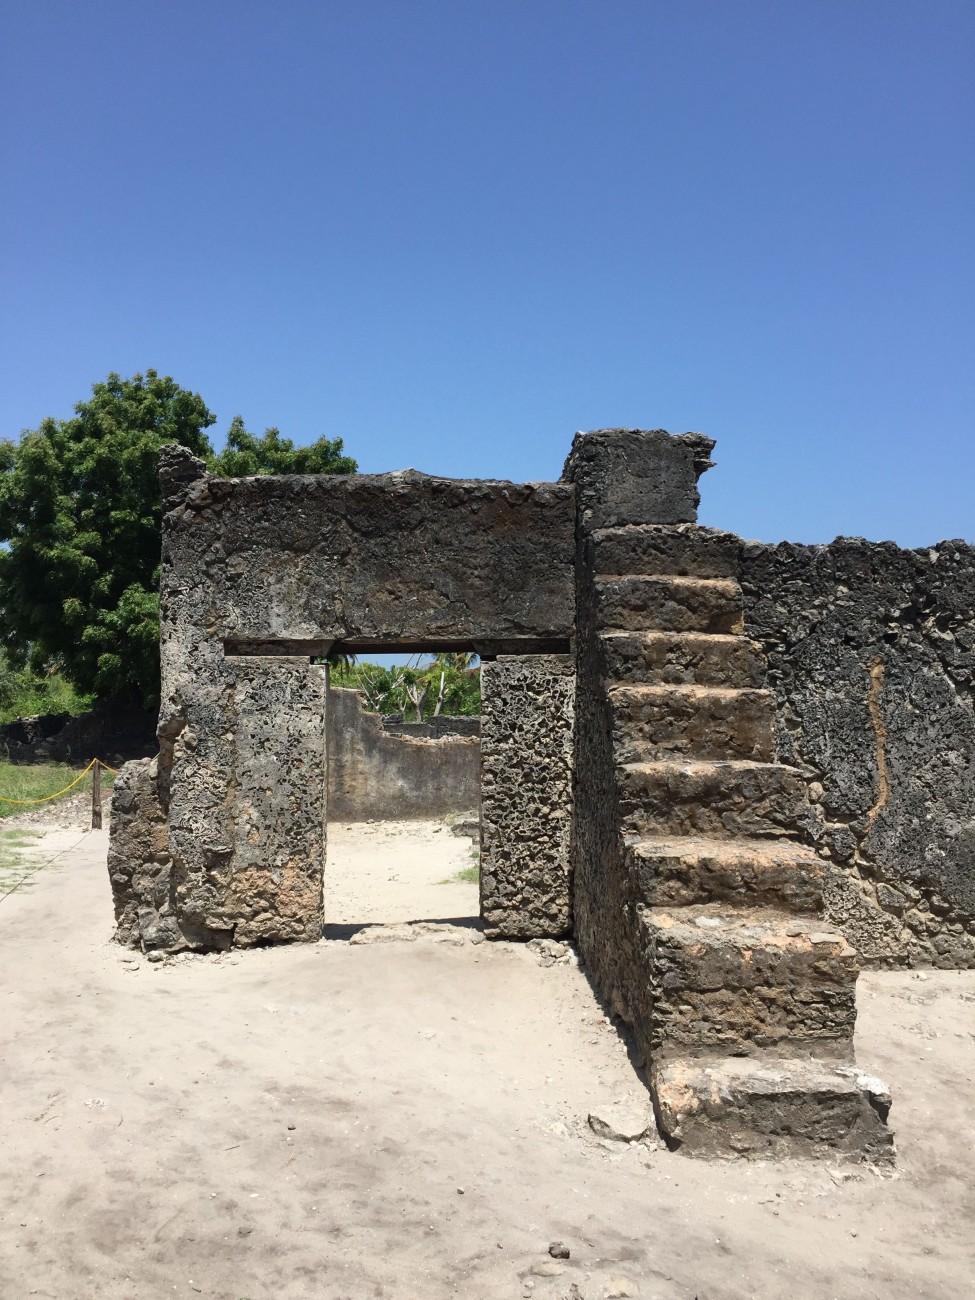 Heilige Stätte: Die Ruine einer Moschee aus Korallen sind in Kaole zu sehen